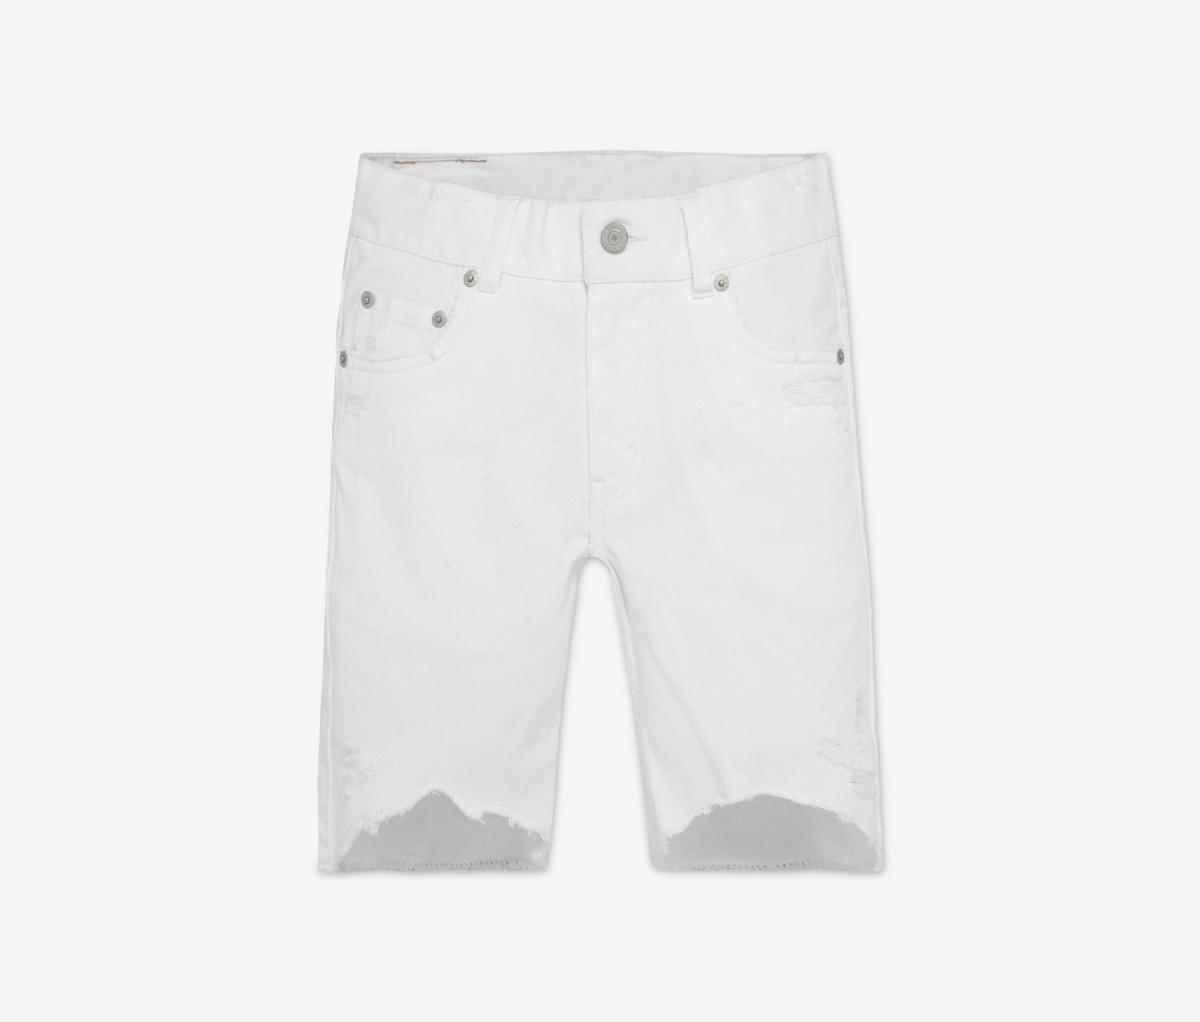 Levis 511 Destroyed Cotton Denim Shorts  White